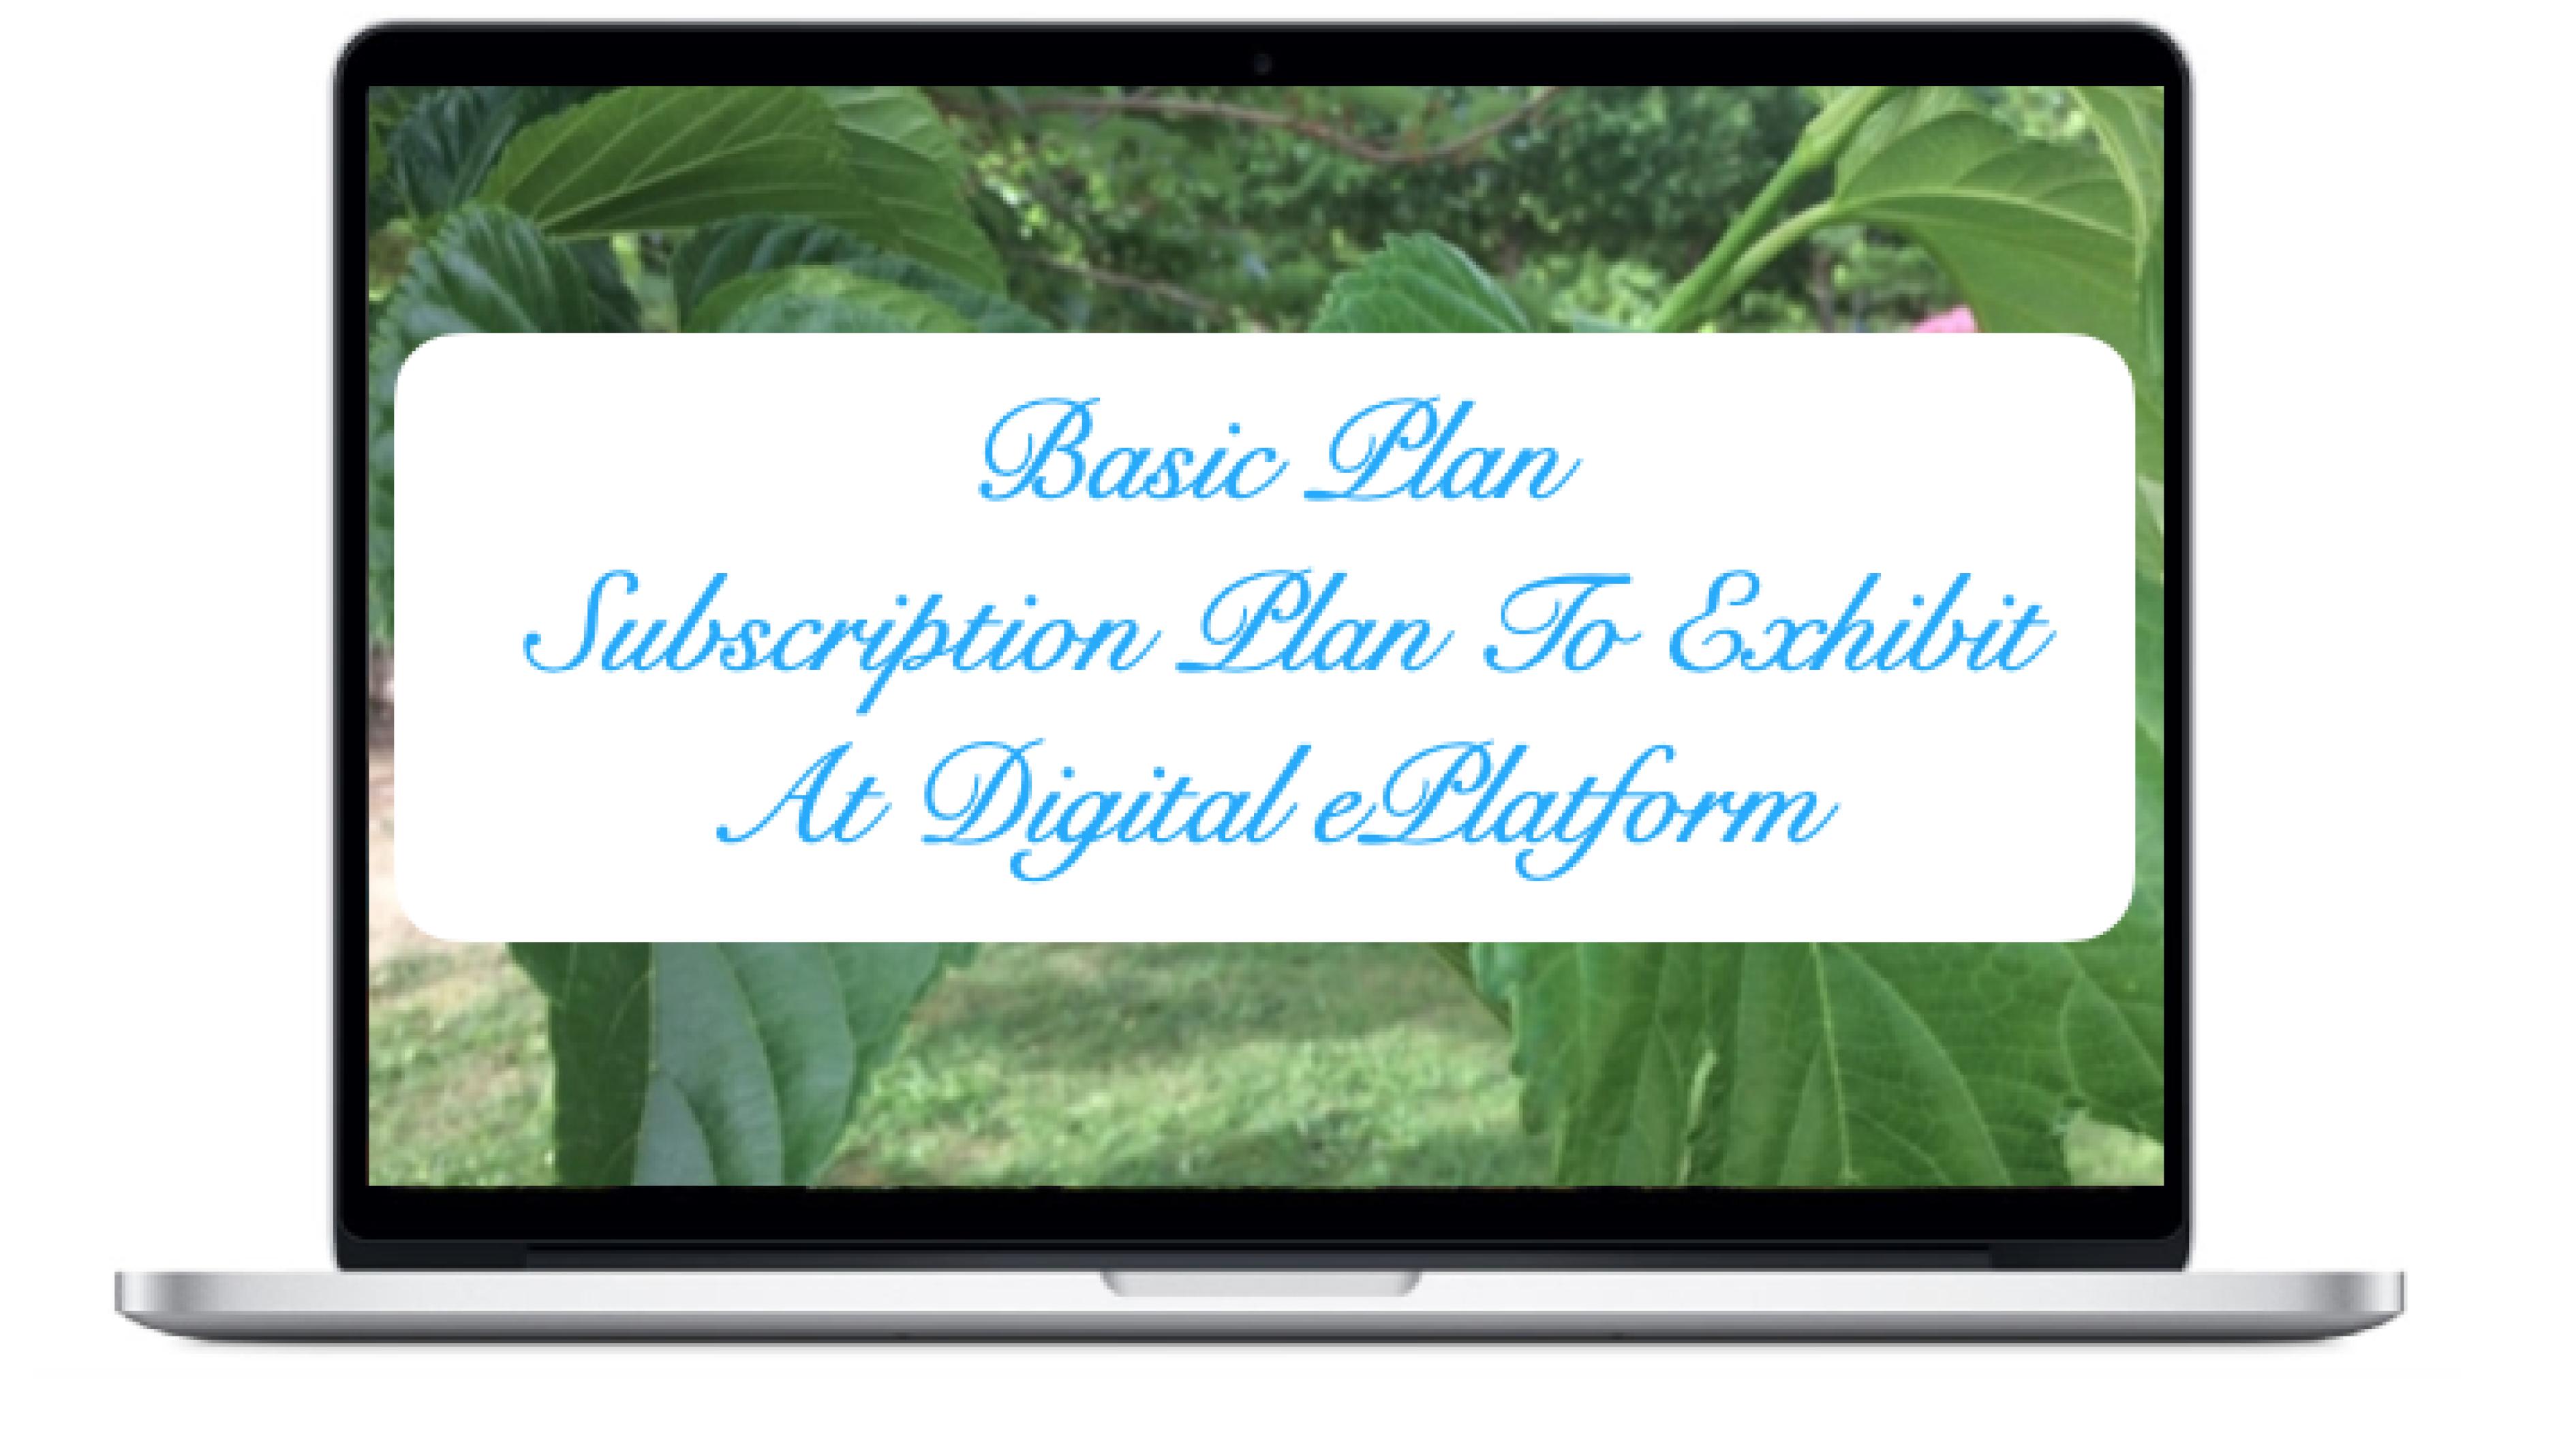 basic-subscription-plan-to-exhibit-at-nirudi-digital-eplatform_2